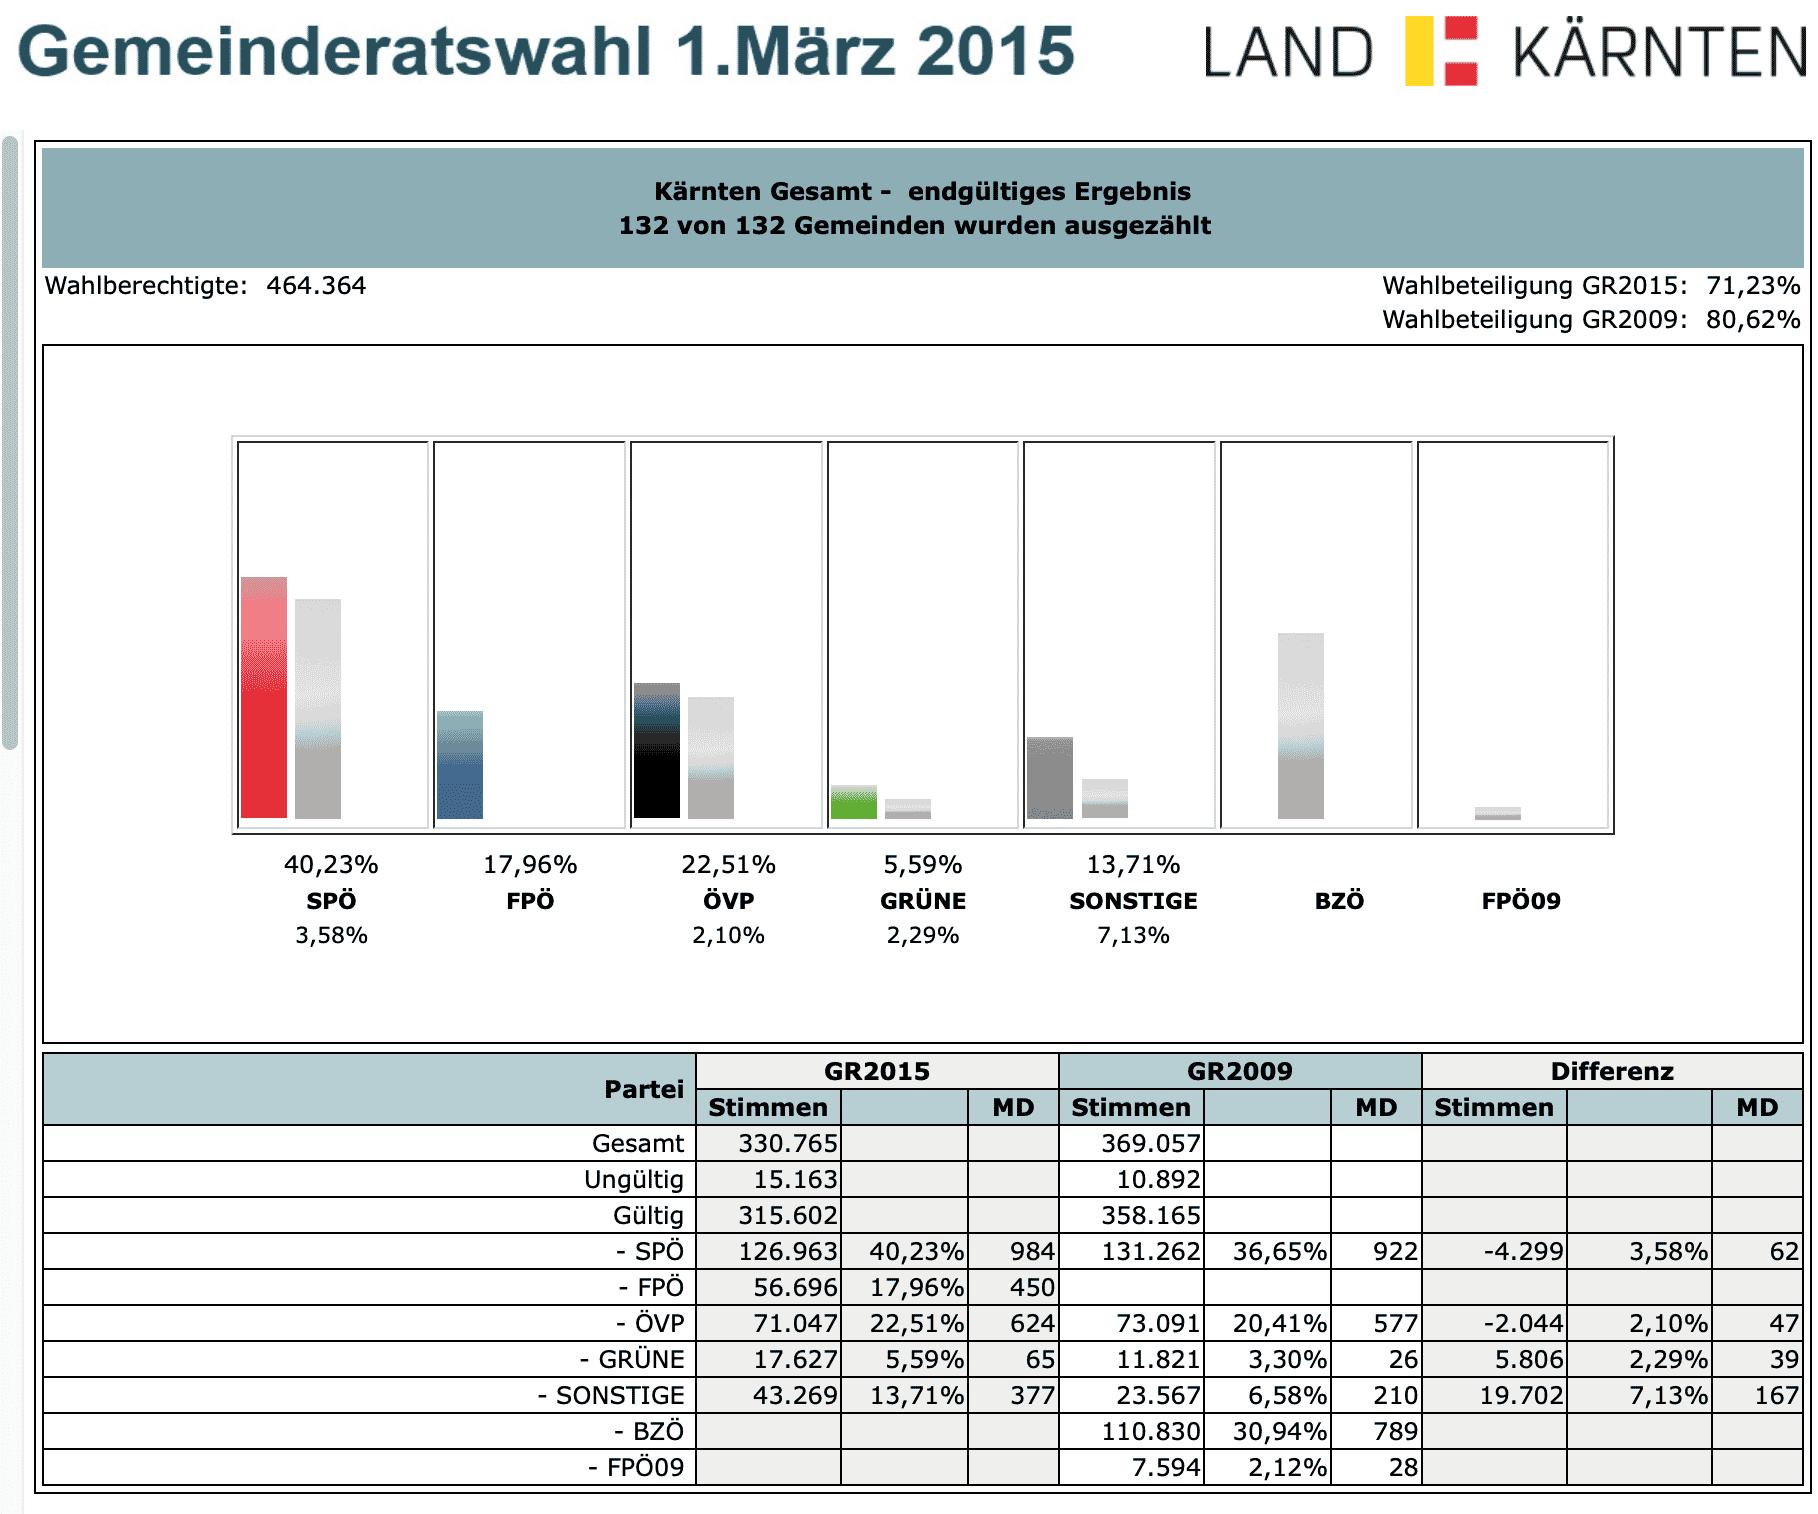 Gemeinderatswahl 2015 in Kärnten